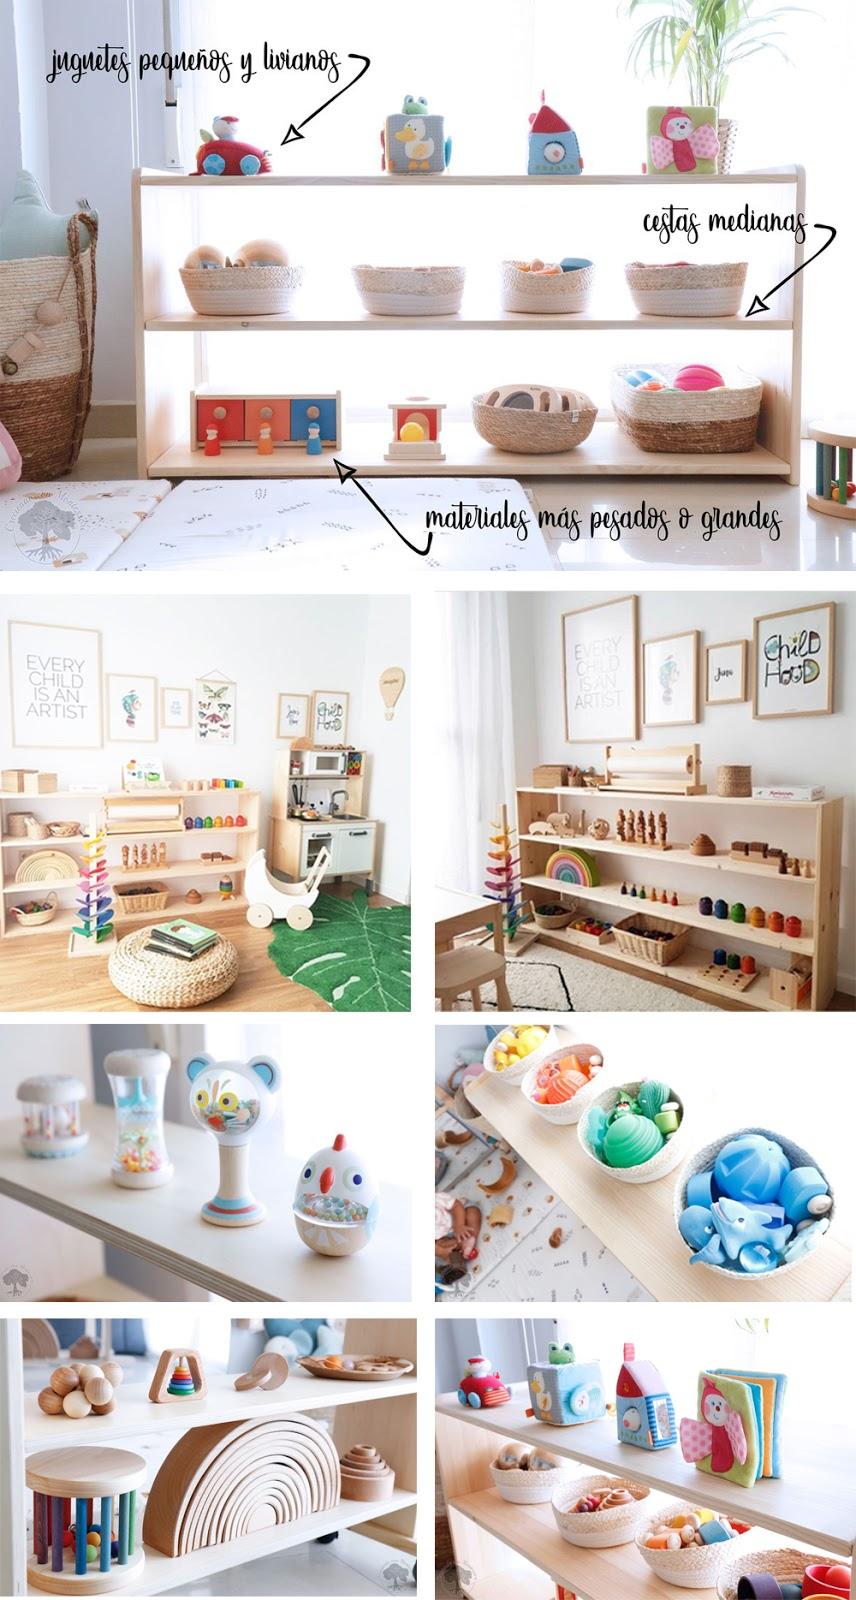 juguetes para decorar una habitación infantil Montessori ordenados y cloasificados